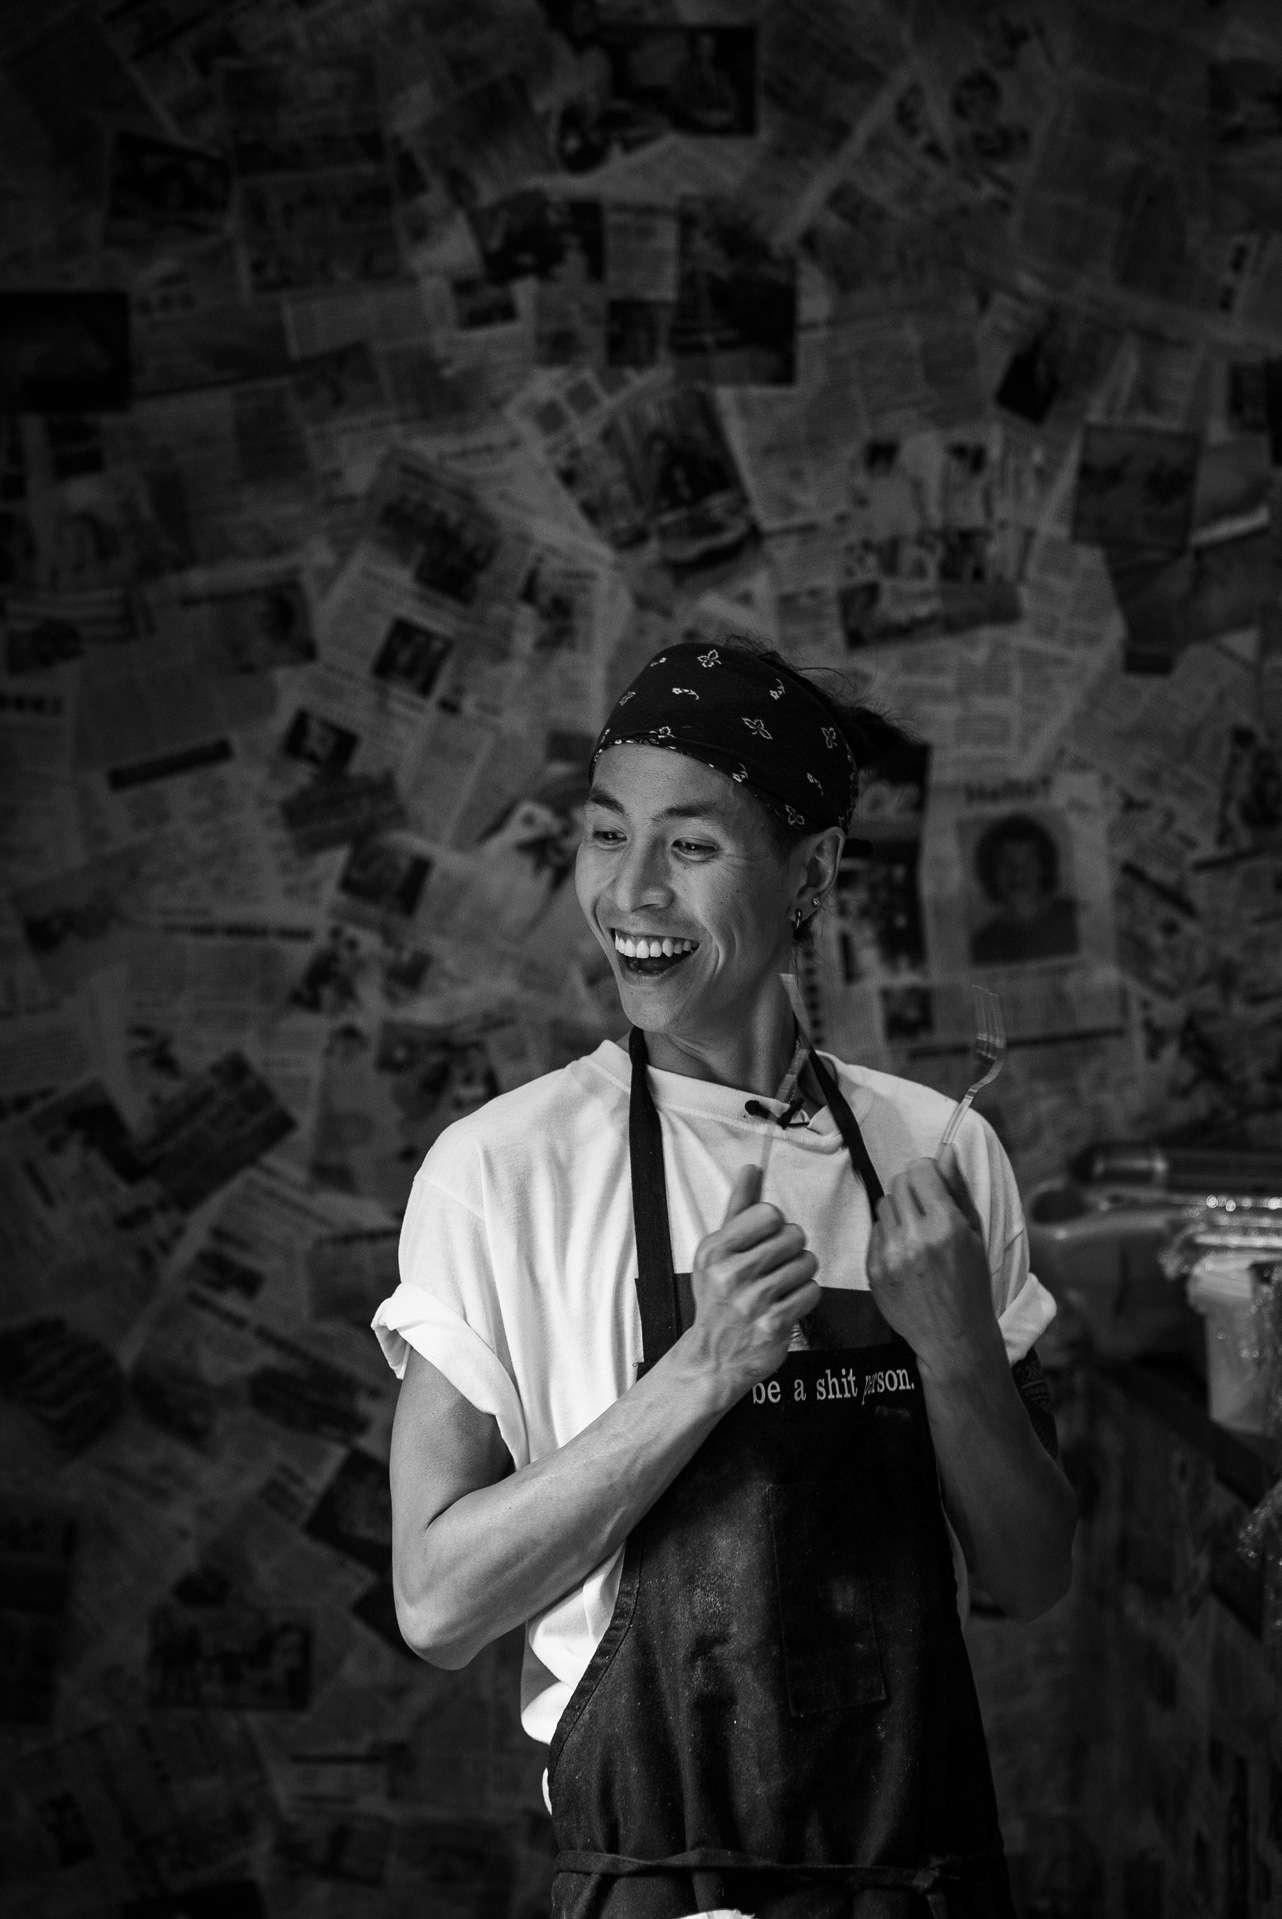 portrait souriant de Minh Phat Tu chef de l'Orange rouge par Bruno Florin